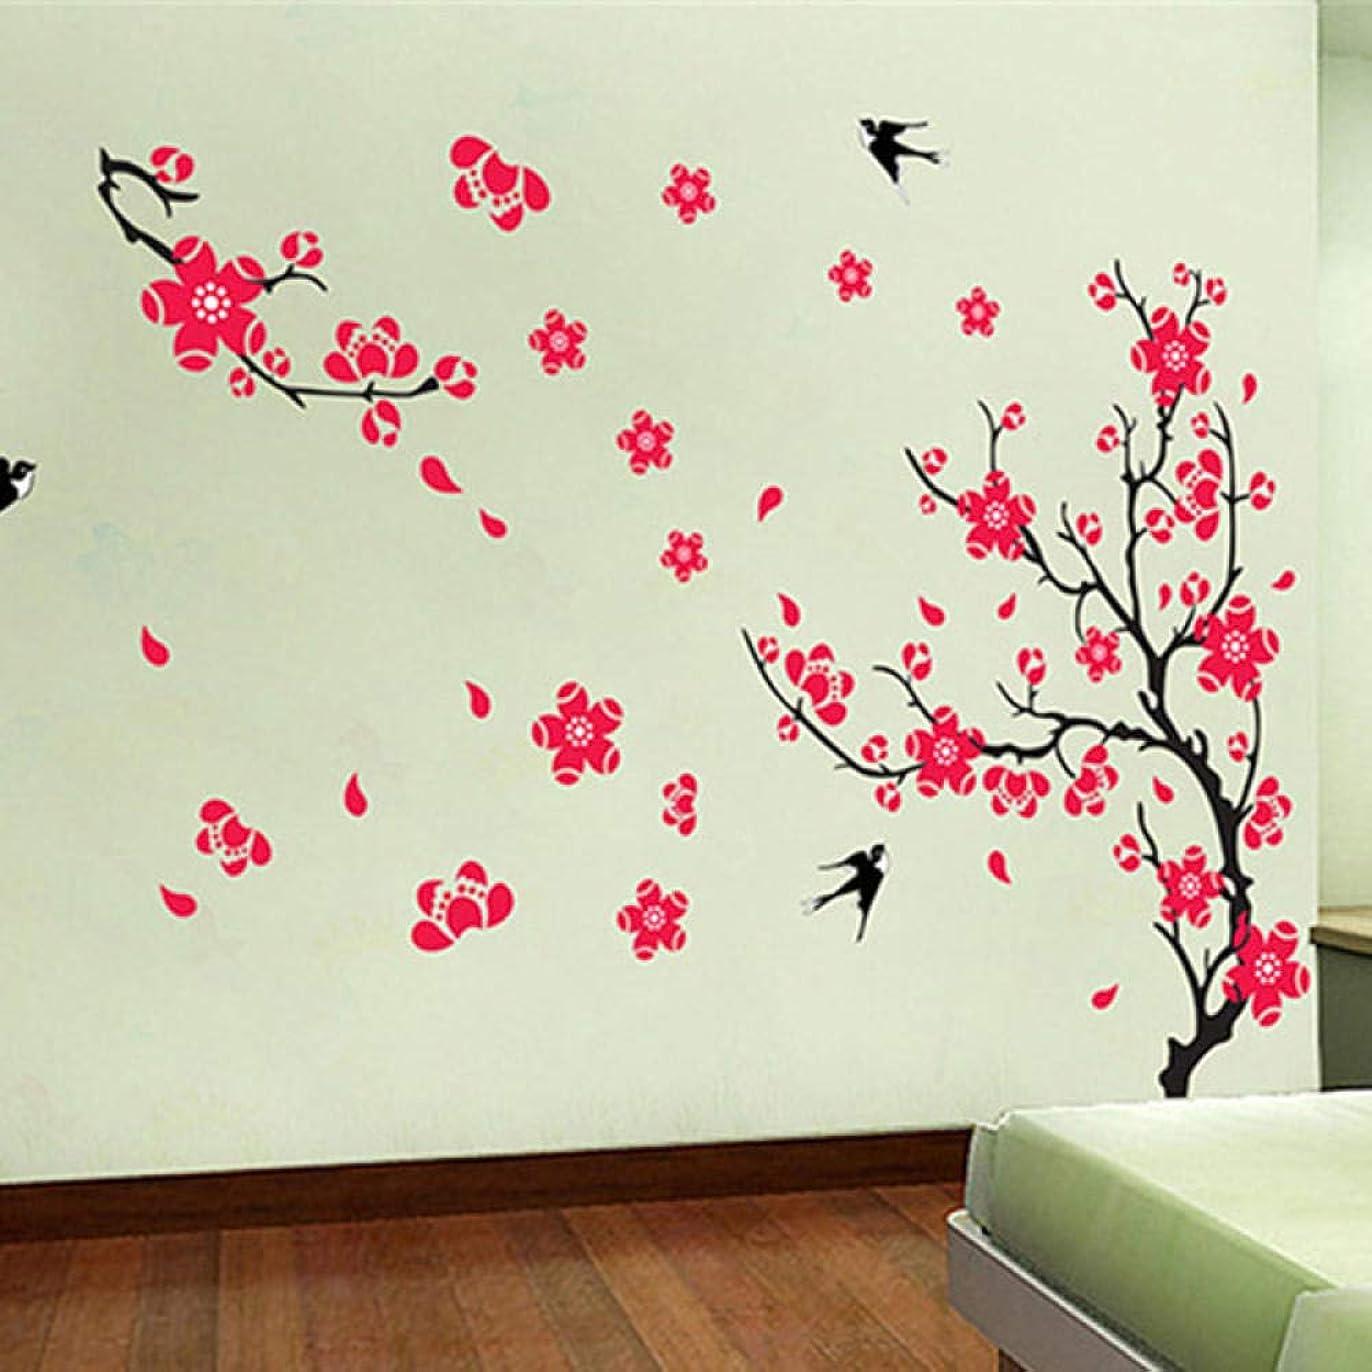 規制するリビジョン後悔ウォールステッカー 梅の花桃の花テレビの背景の壁のステッカー壁紙ステッカー中国風の古典的なお祝いのお祝いの眉の研究室の結婚式の部屋